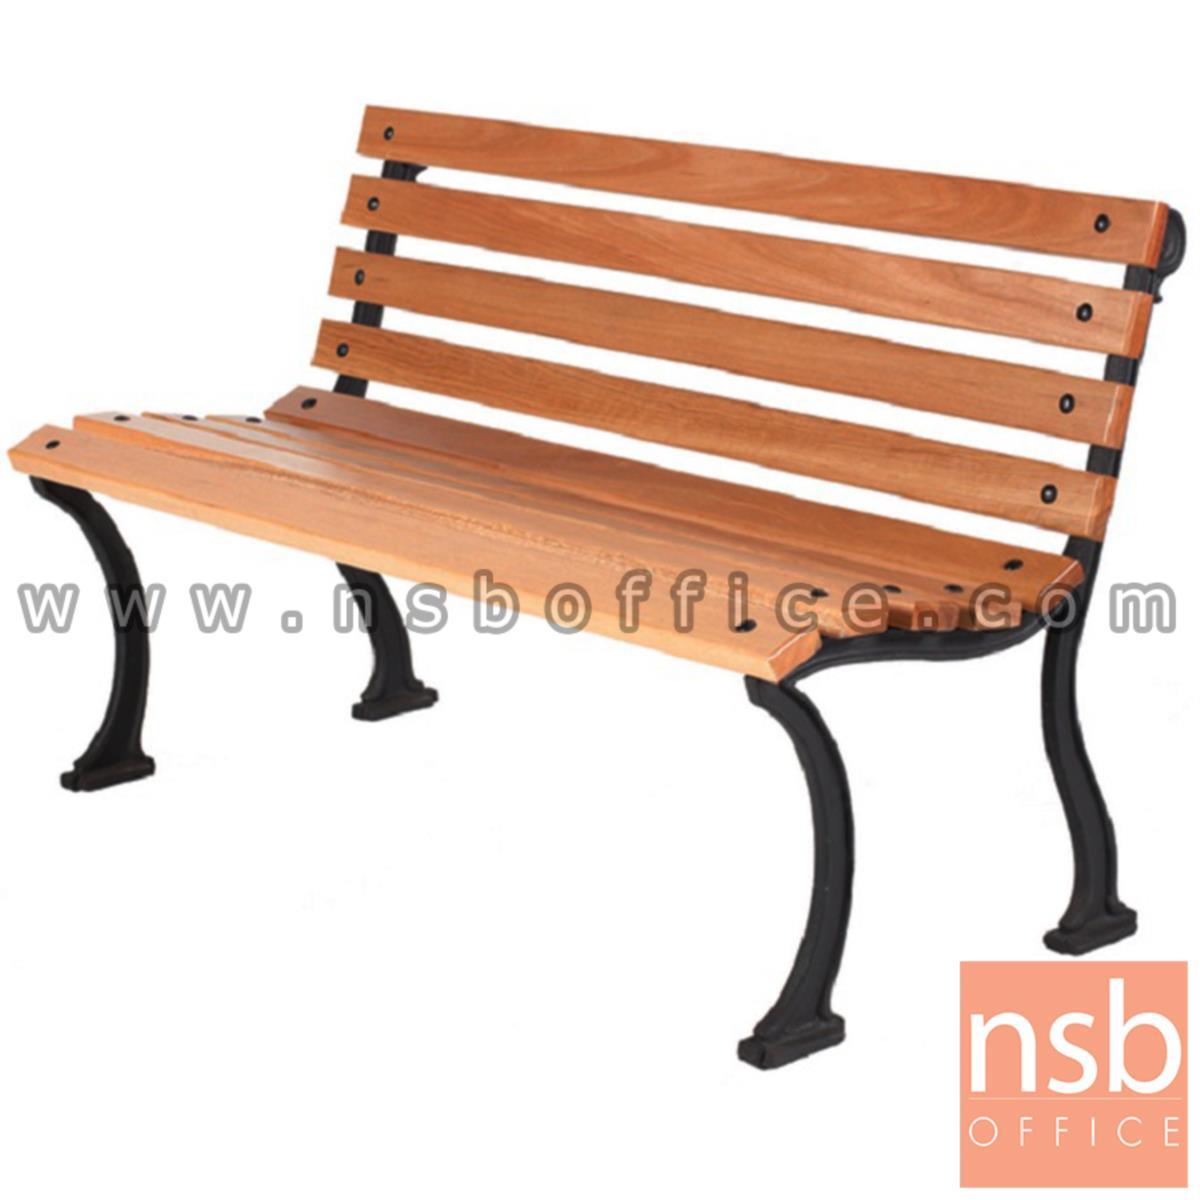 เก้าอี้สนามไม้เต็ง เหล็กหล่อ กทม. BKK-CO20 (100, 120, 150, 200 cm)